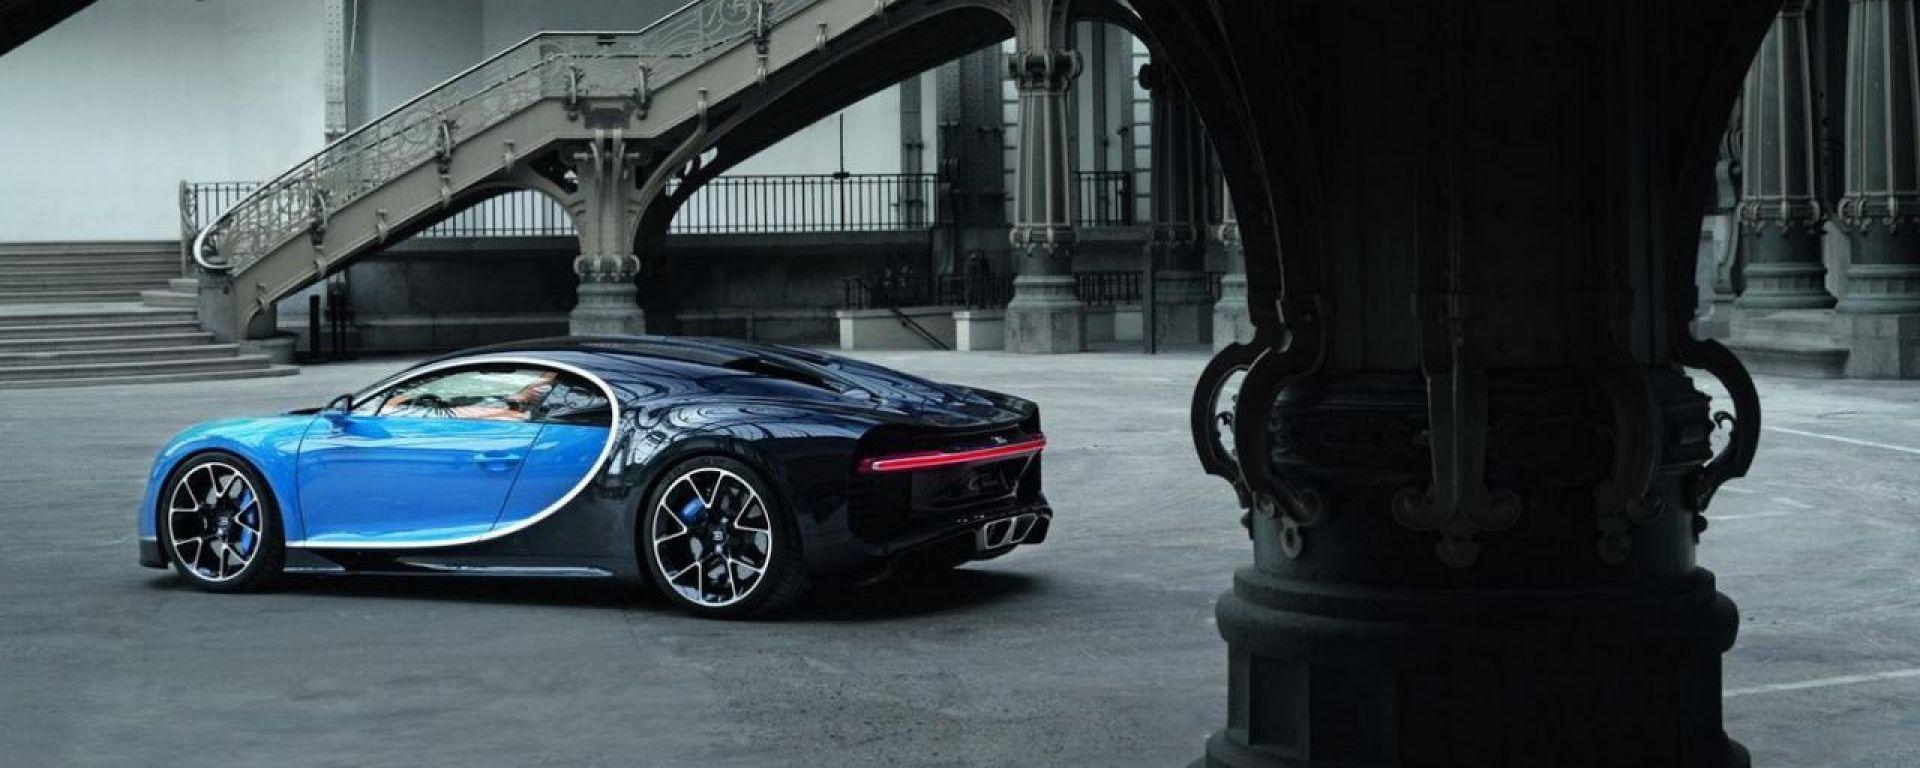 Addio Veyron, benvenuta Bugatti Chiron